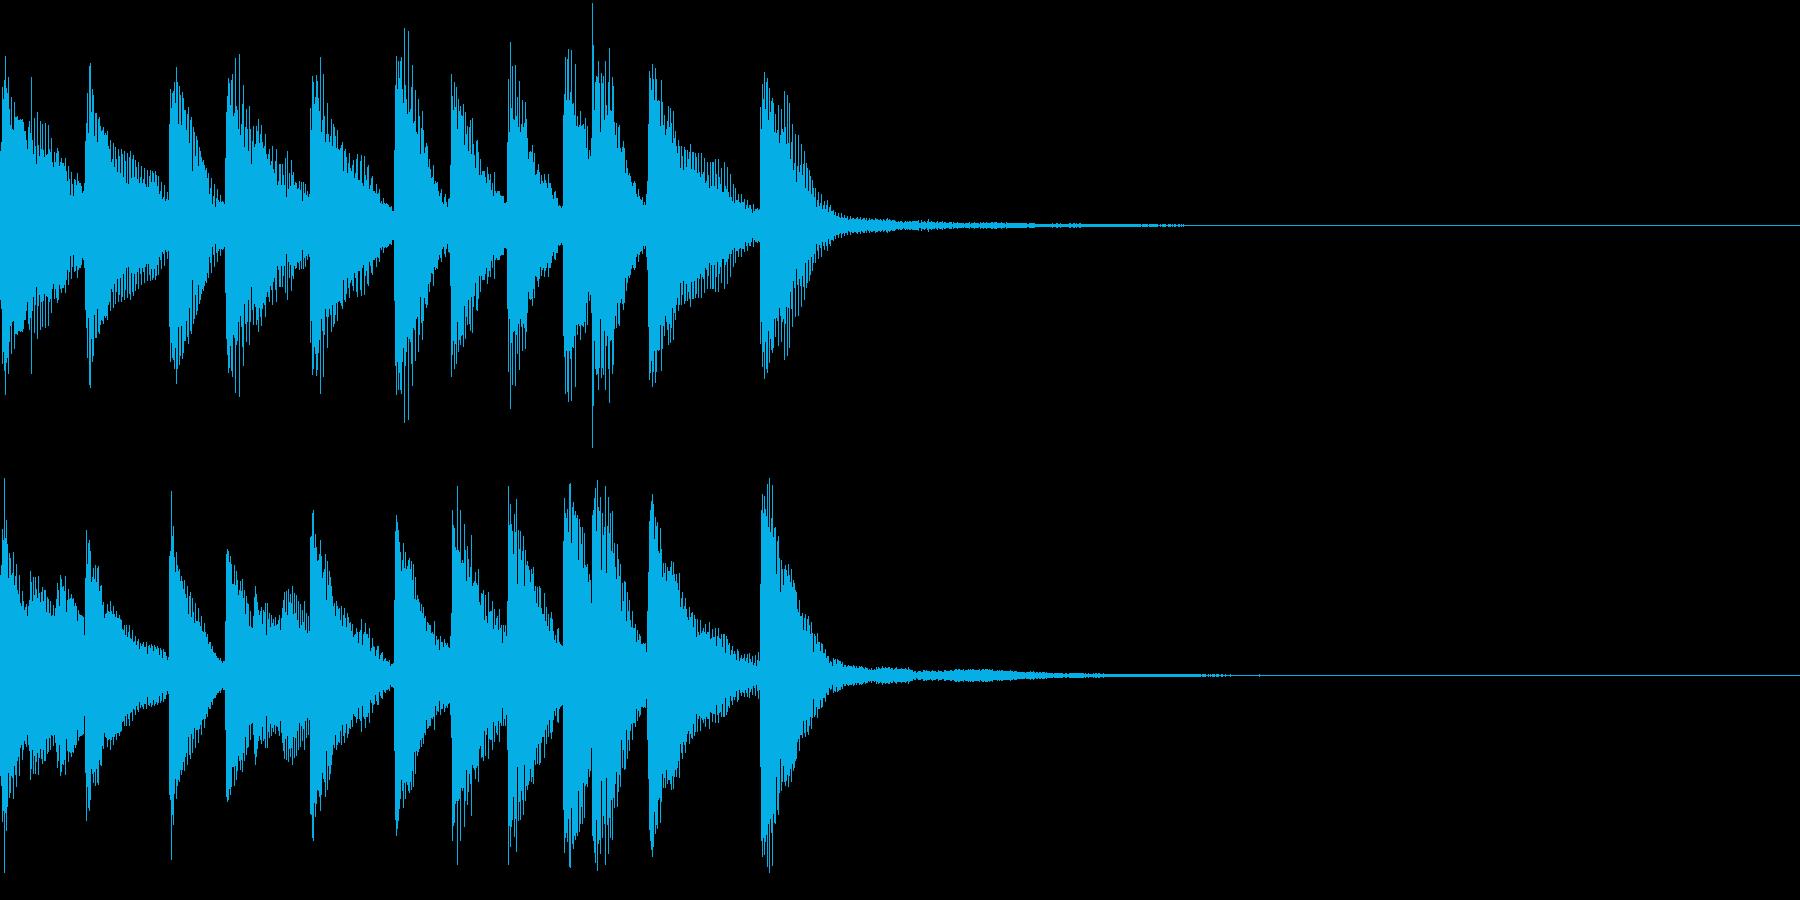 陽気な雰囲気のピアノのジングルの再生済みの波形